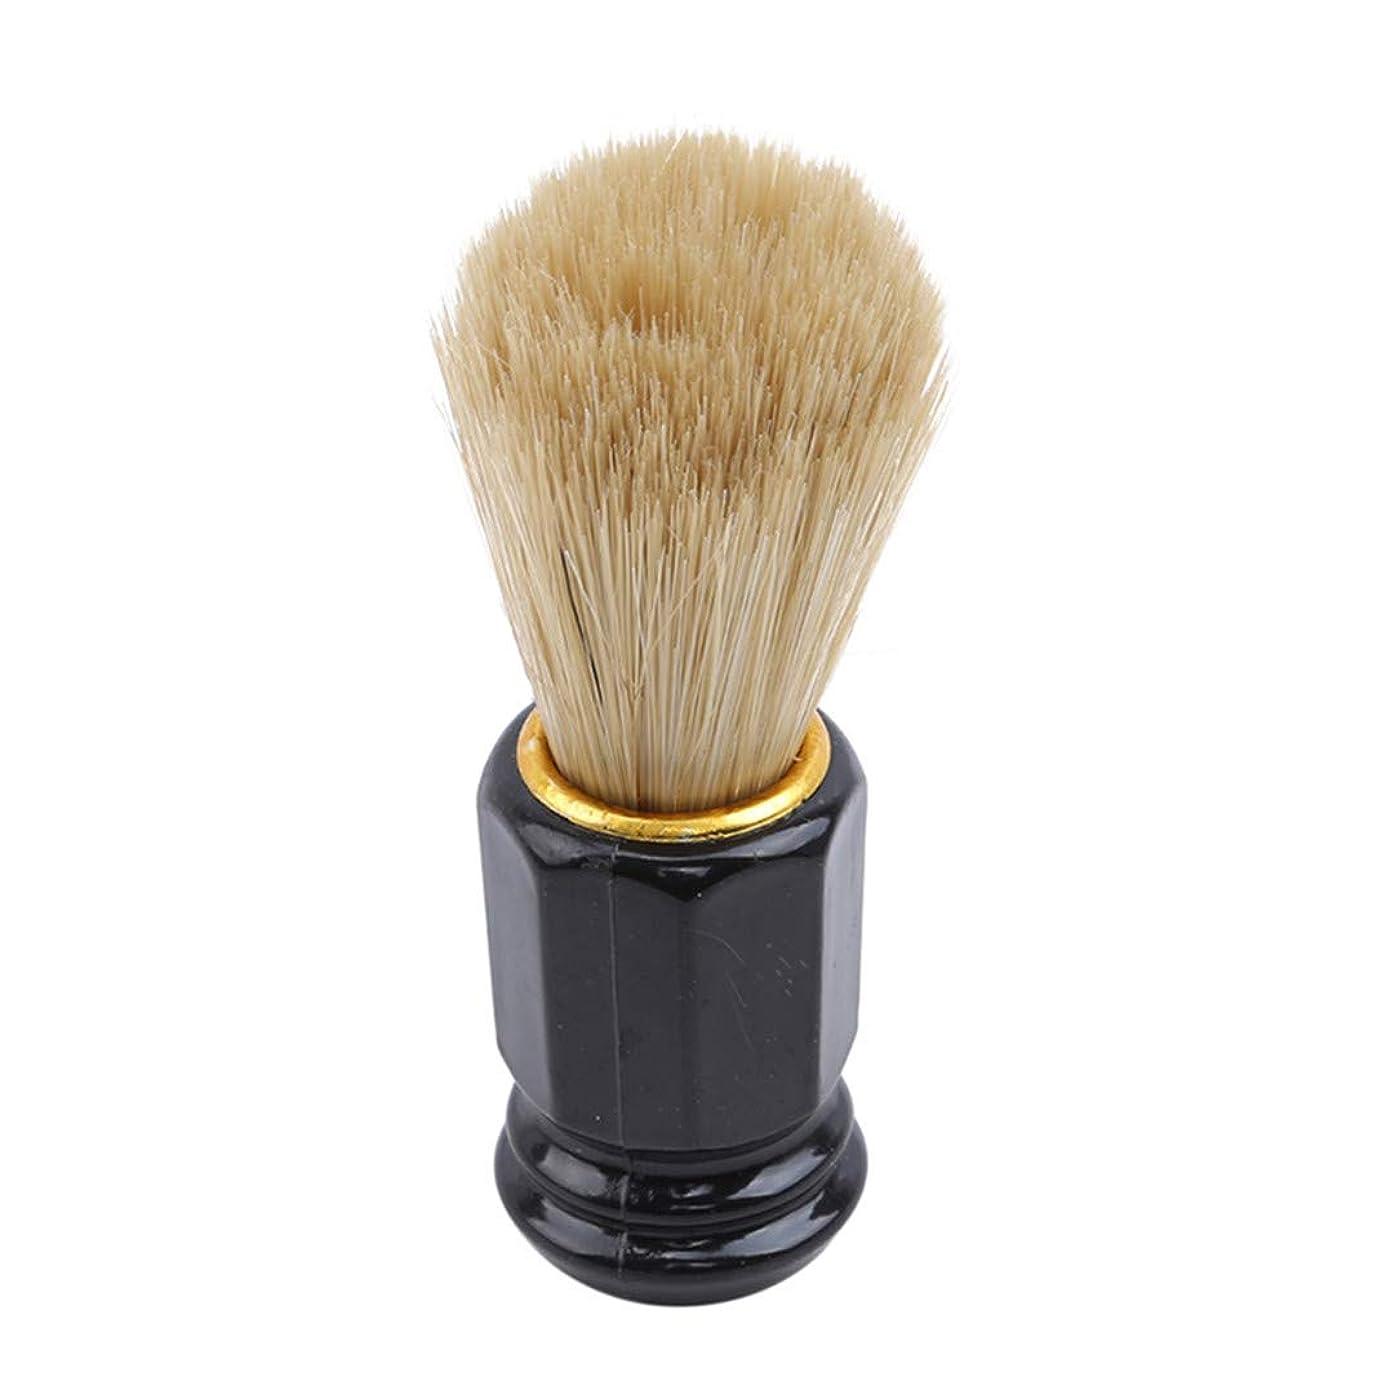 殺人キャスト意識的Underleaf 男性フェイスクリーニングシェービングマグブラシボウル理容髭ブラシキット理髪アクセサリー